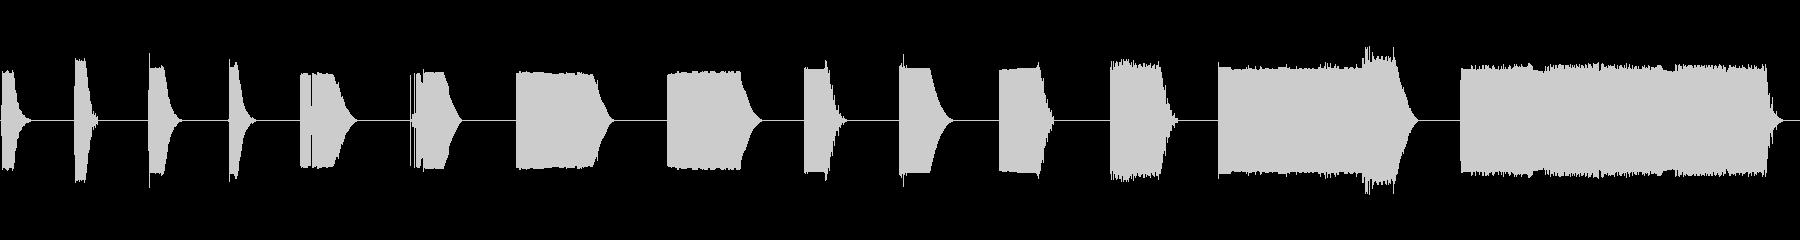 ボタン、シグナル、インパクト、SC...の未再生の波形